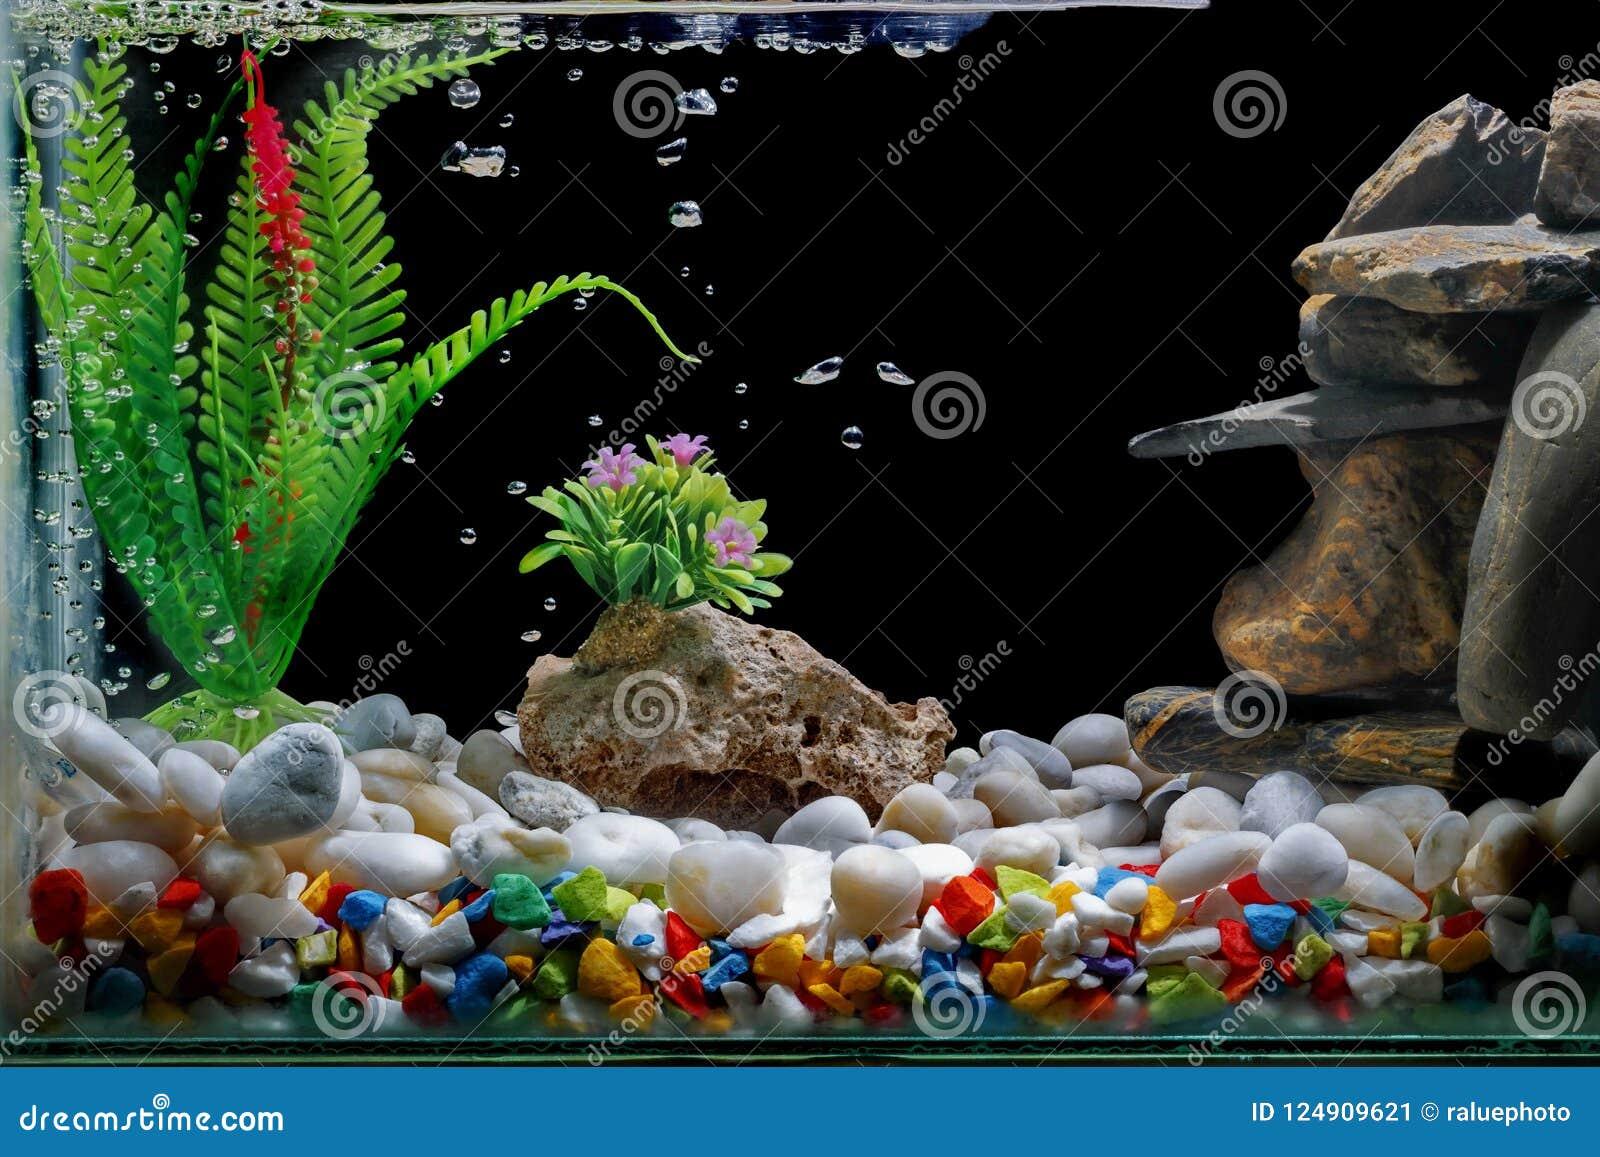 Τα ψάρια τοποθετούν σε δεξαμενή το ντεκόρ, με το αμμοχάλικο και το δέντρο, με τις φυσαλίδες στο μαύρο σκηνικό